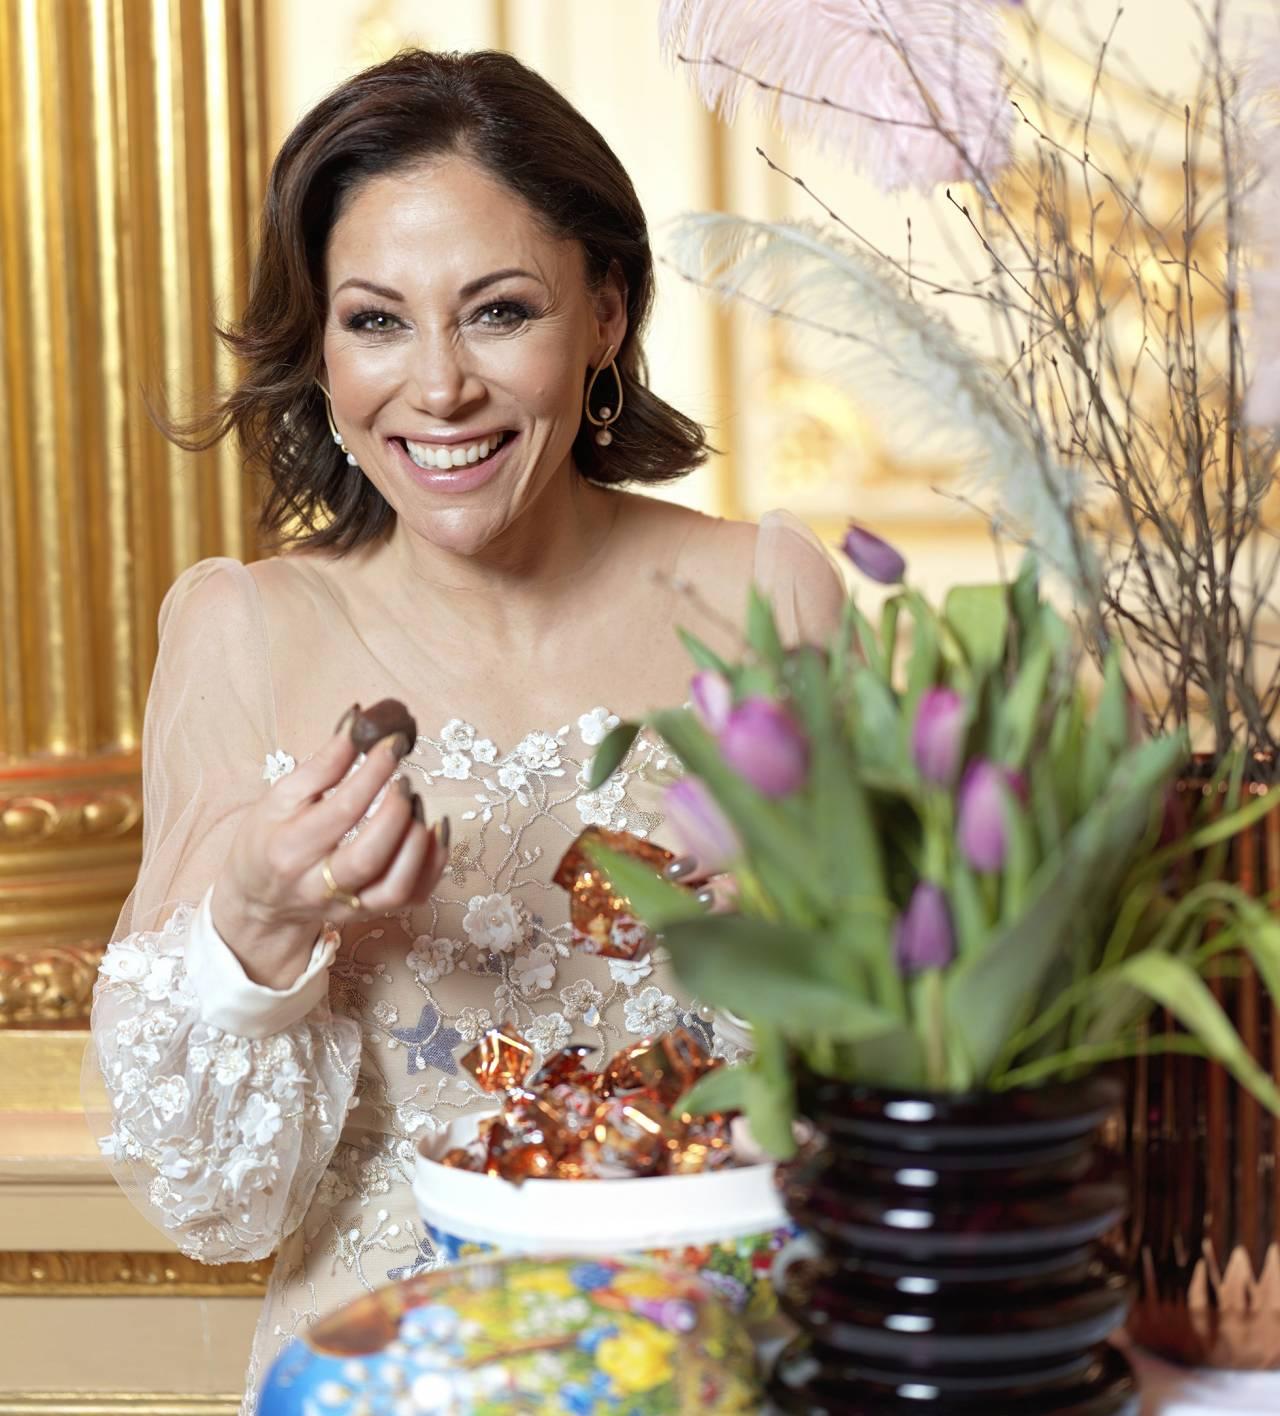 Tilde de Paula äter påskgodis